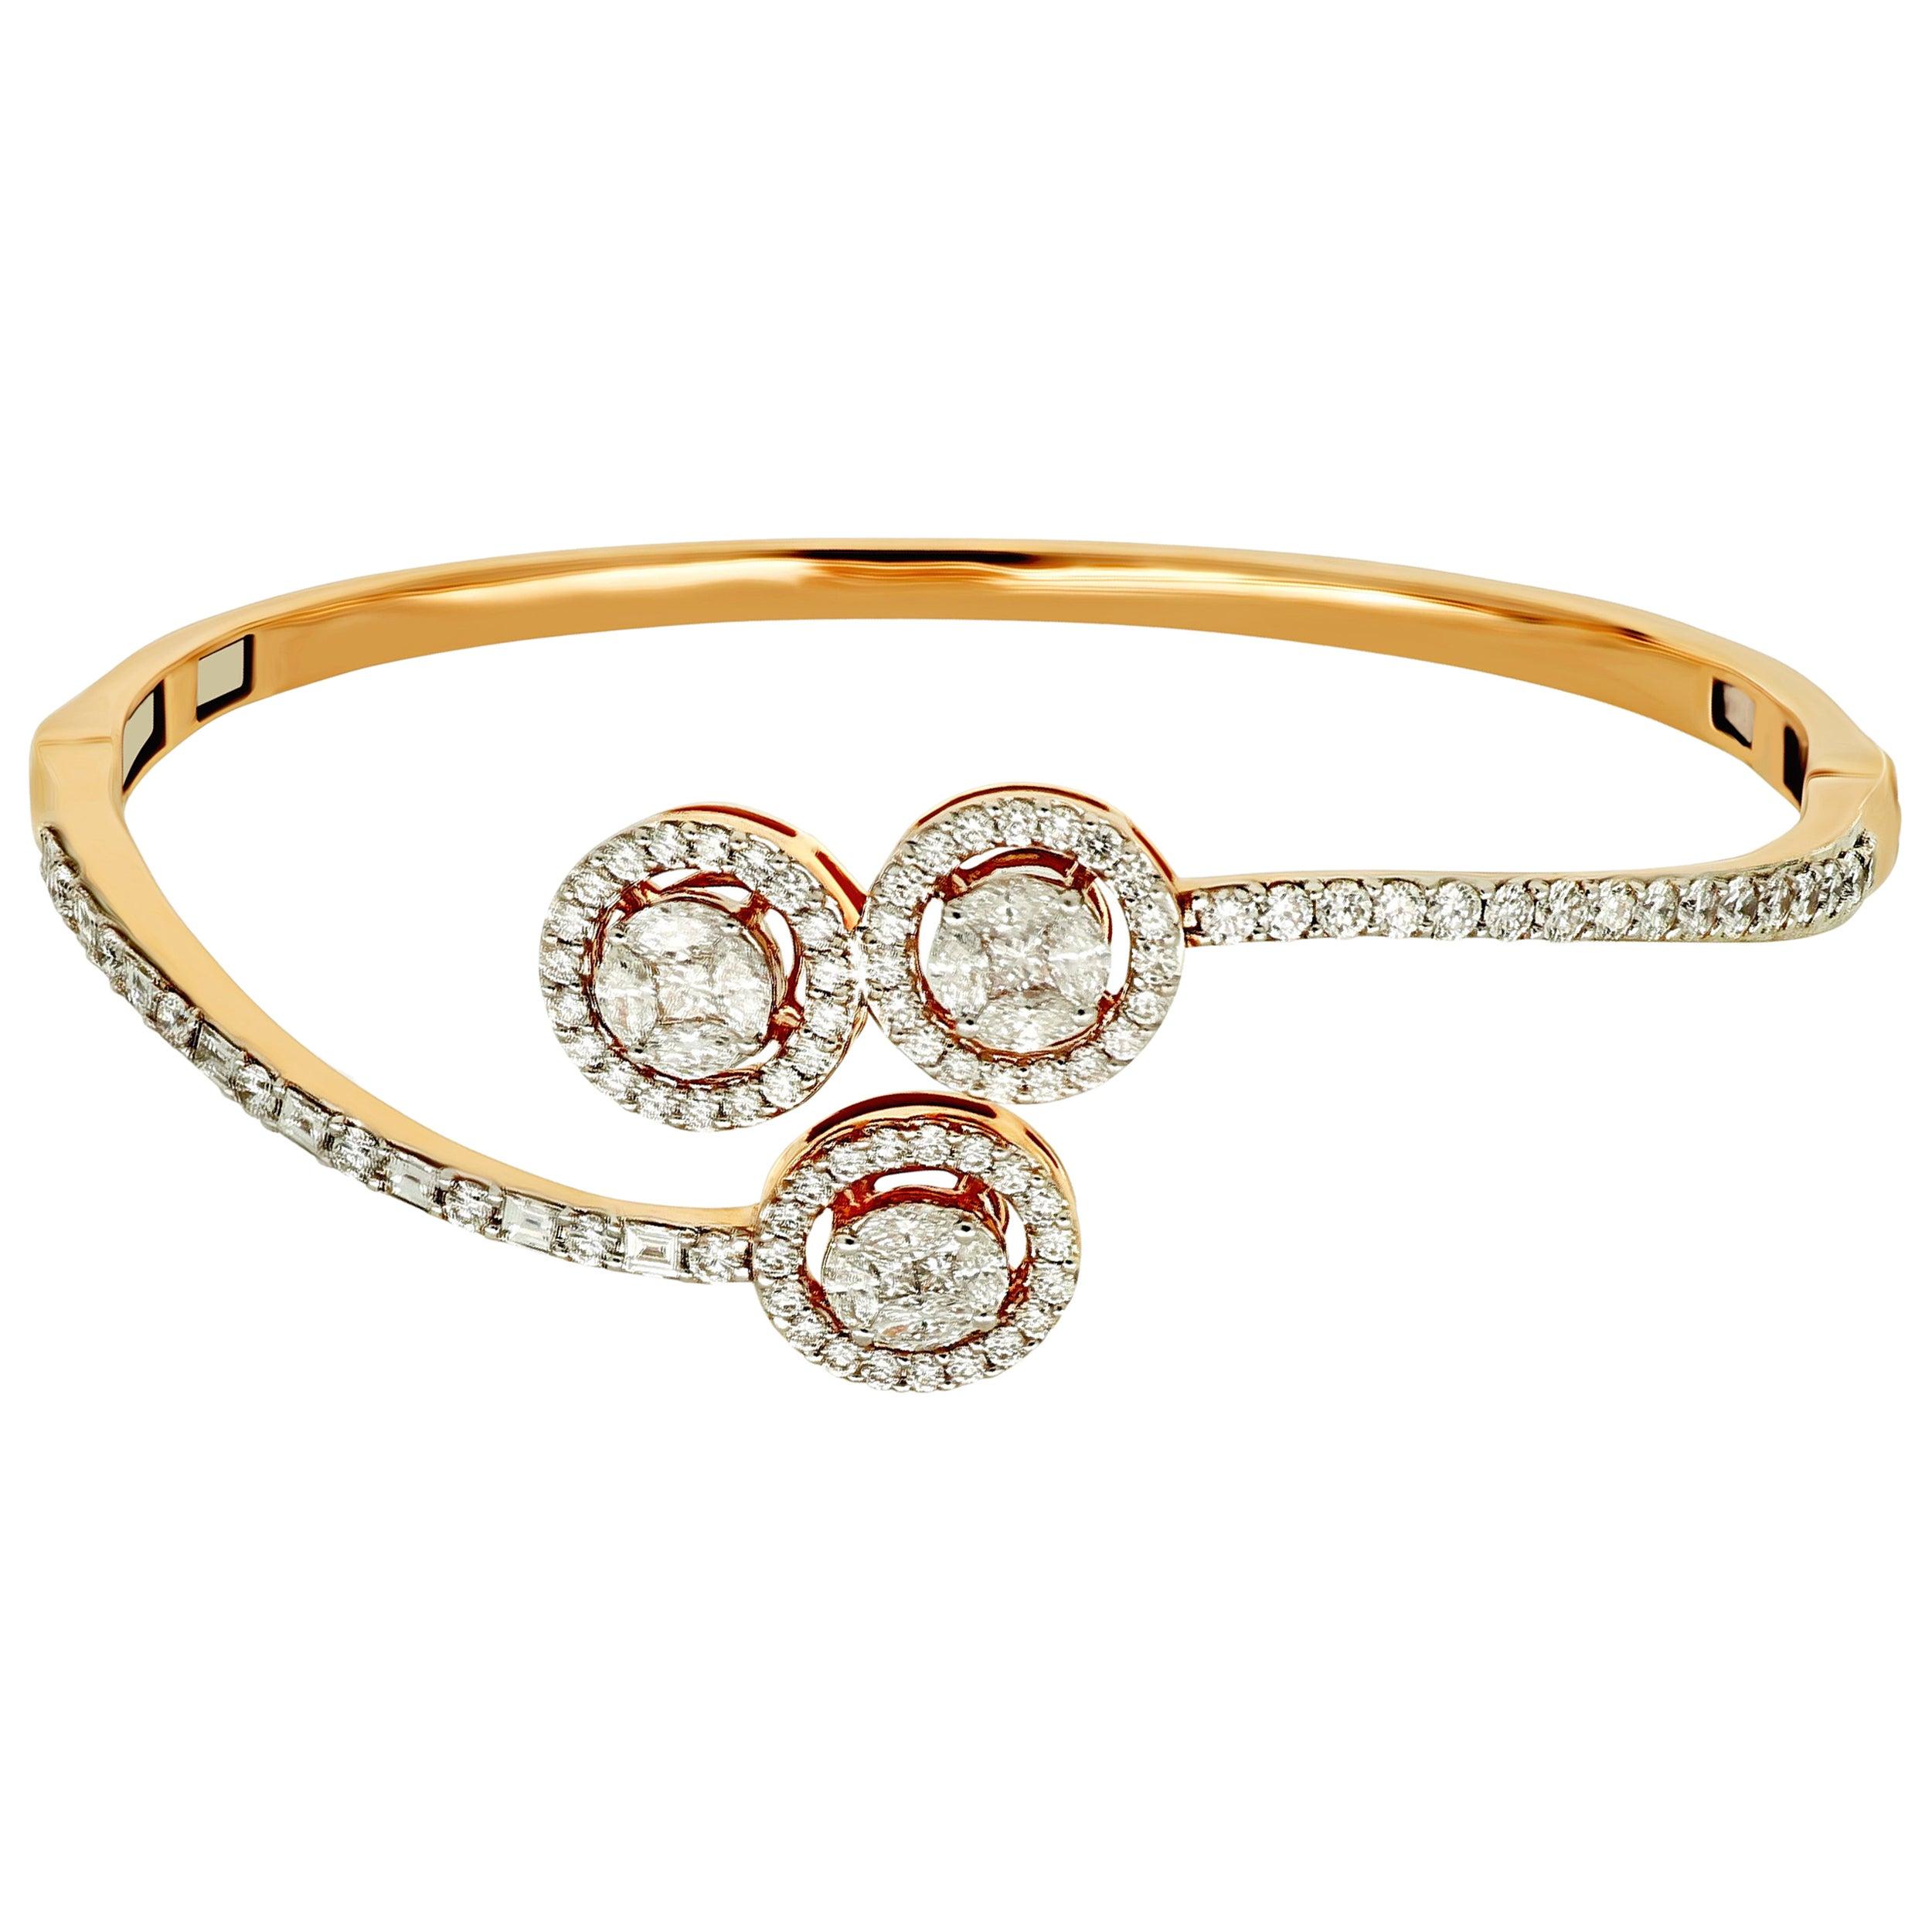 Amwaj Jewellery Round Cut Diamond Rose Gold Bangle